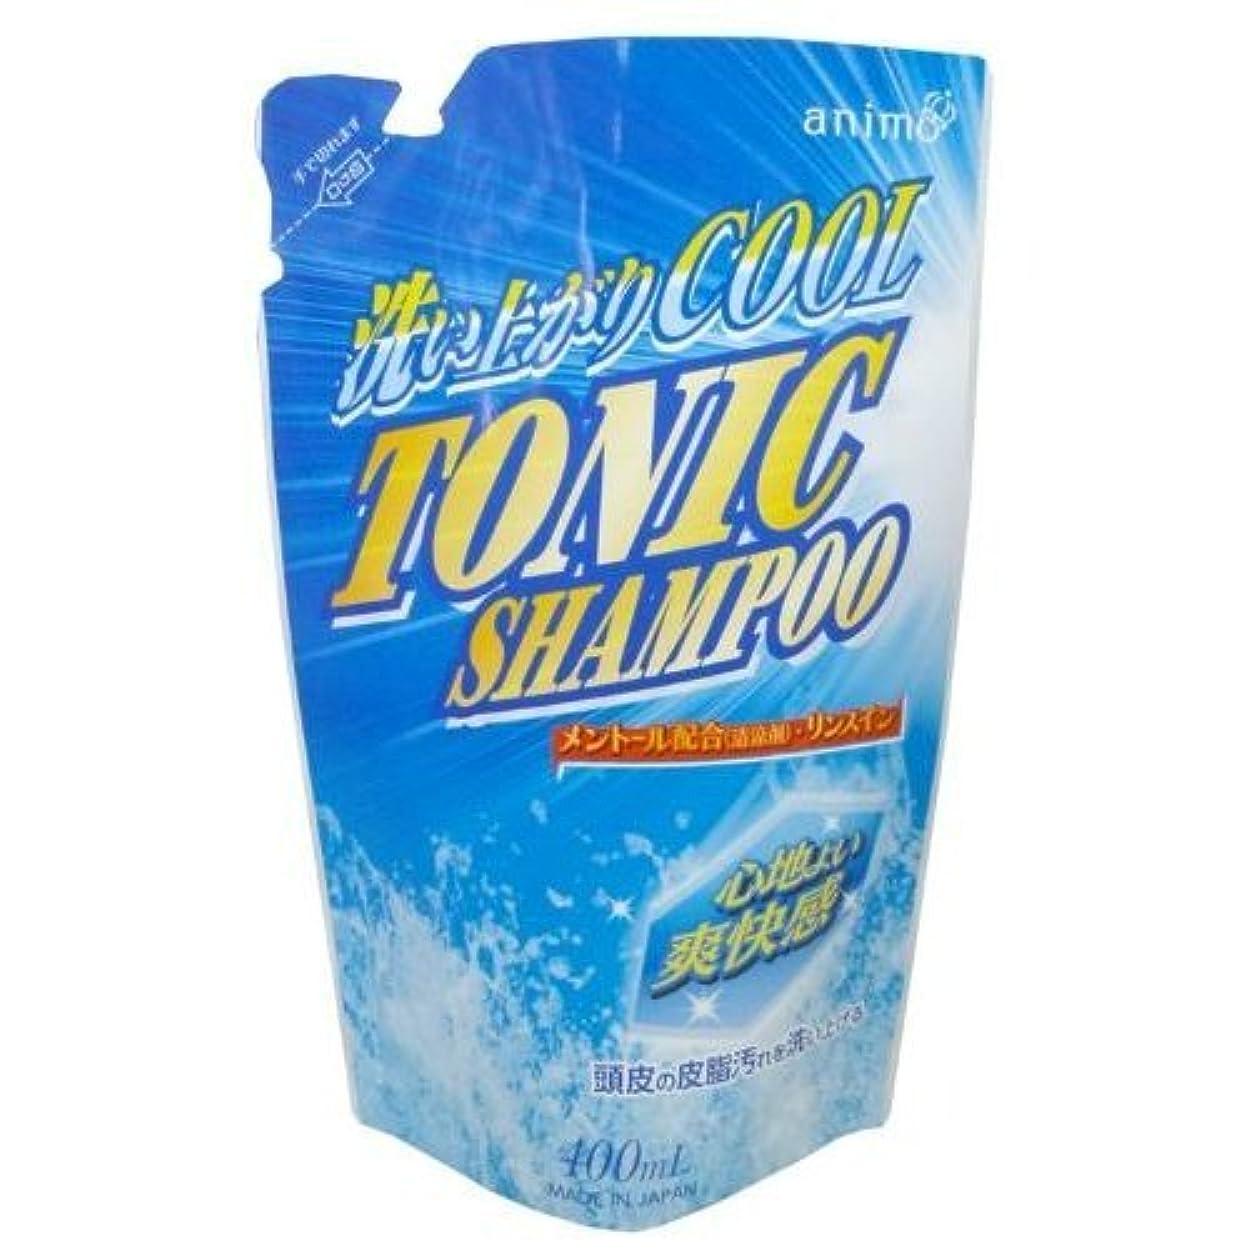 スーパー奨励温度ロケット石鹸 トニックシャンプー 詰替用 400ml (4571113801403)